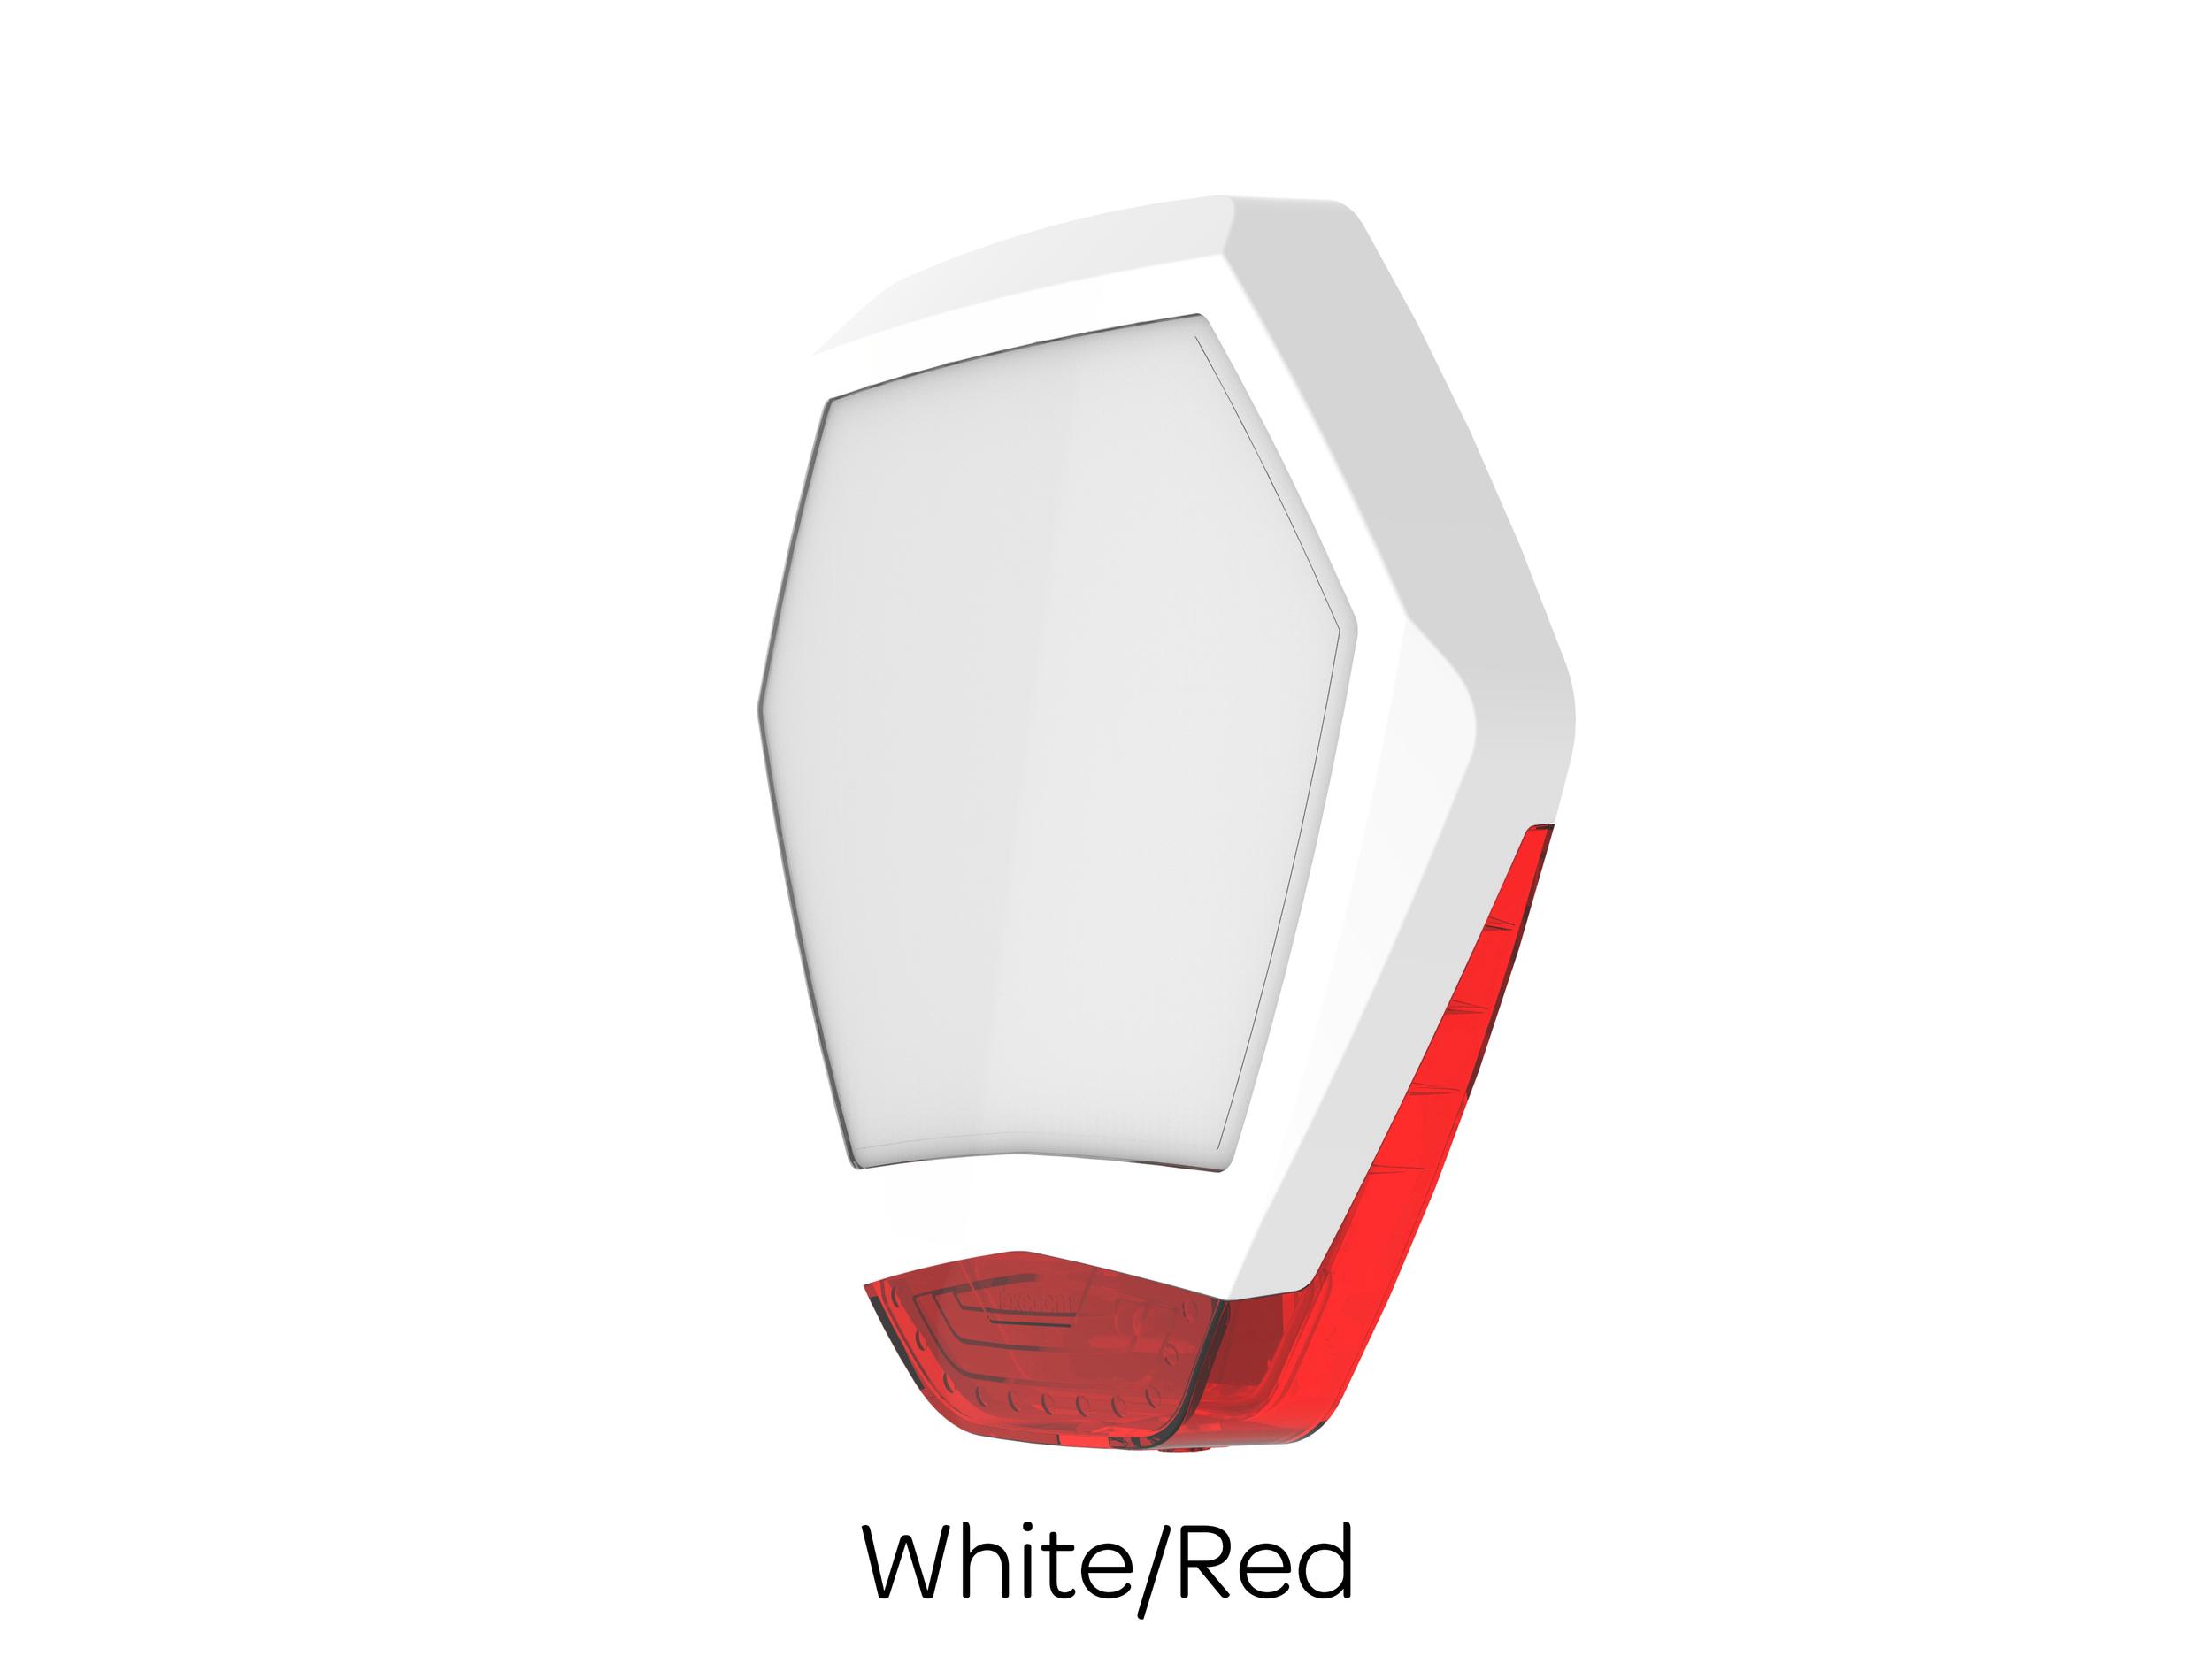 Web_OdyX3_White-Red_WhiteBG.jpg